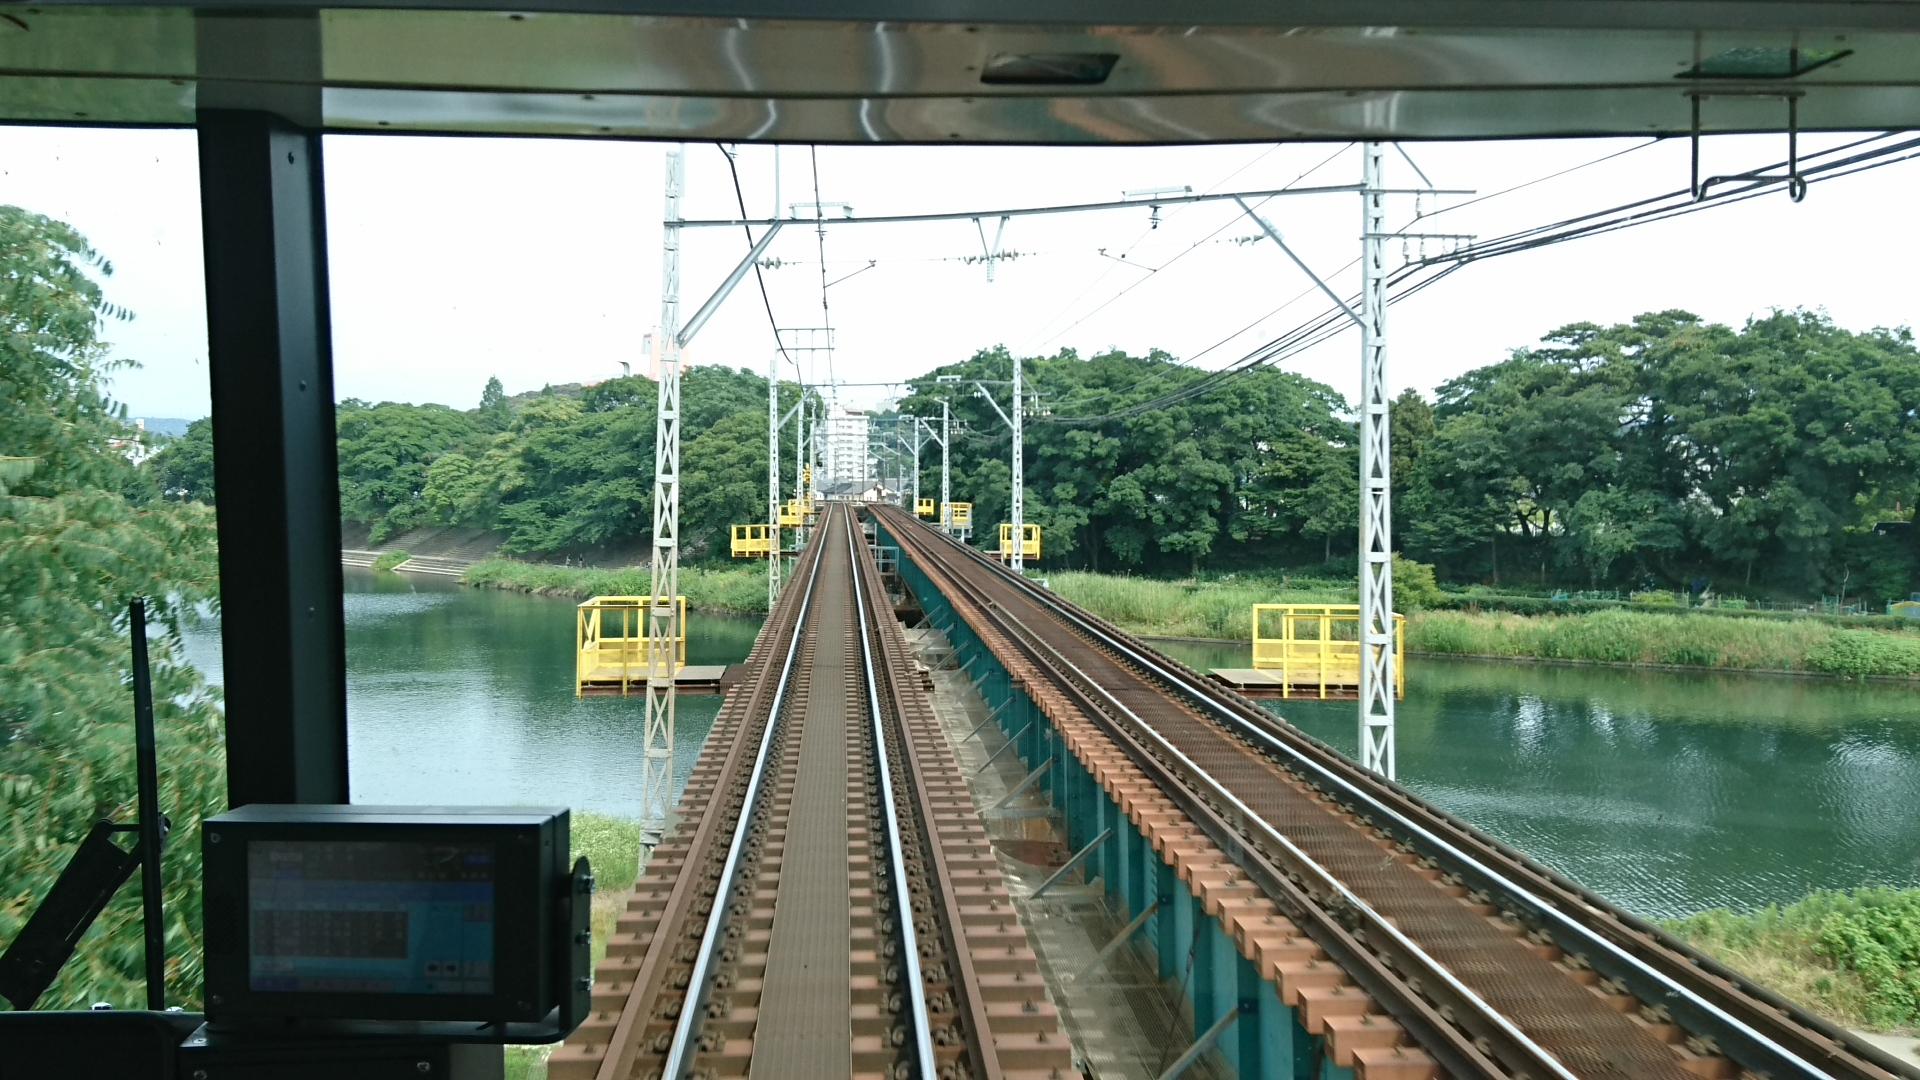 2017.6.24 東岡崎 (16) 豊橋いき急行 - 菅生川 1920-1080